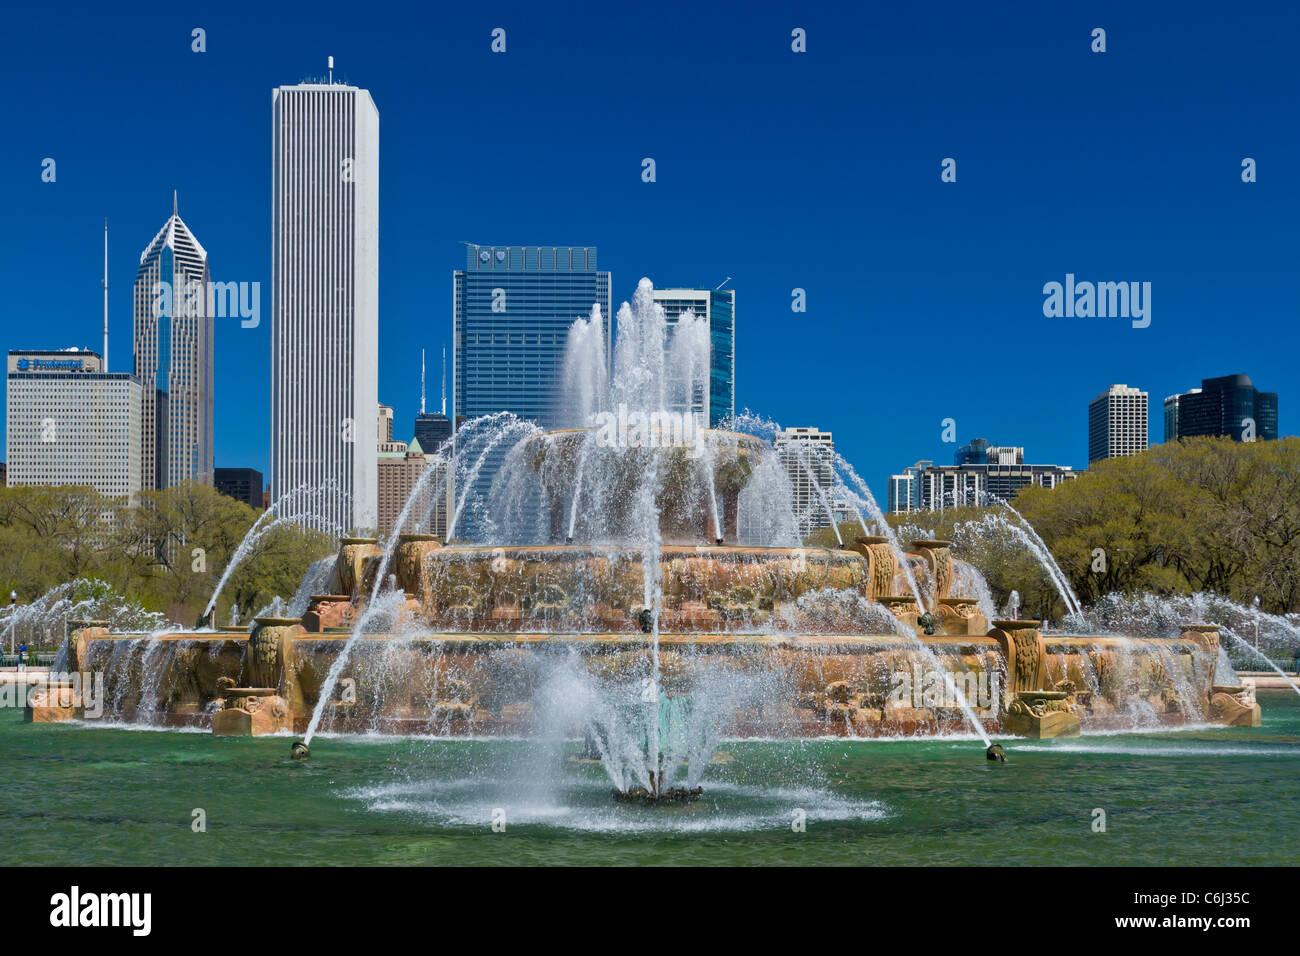 Il Clarence Buckingham fontana commemorativa su Lakeshore Dr a Chicago, Illinois, Stati Uniti d'America. Immagini Stock